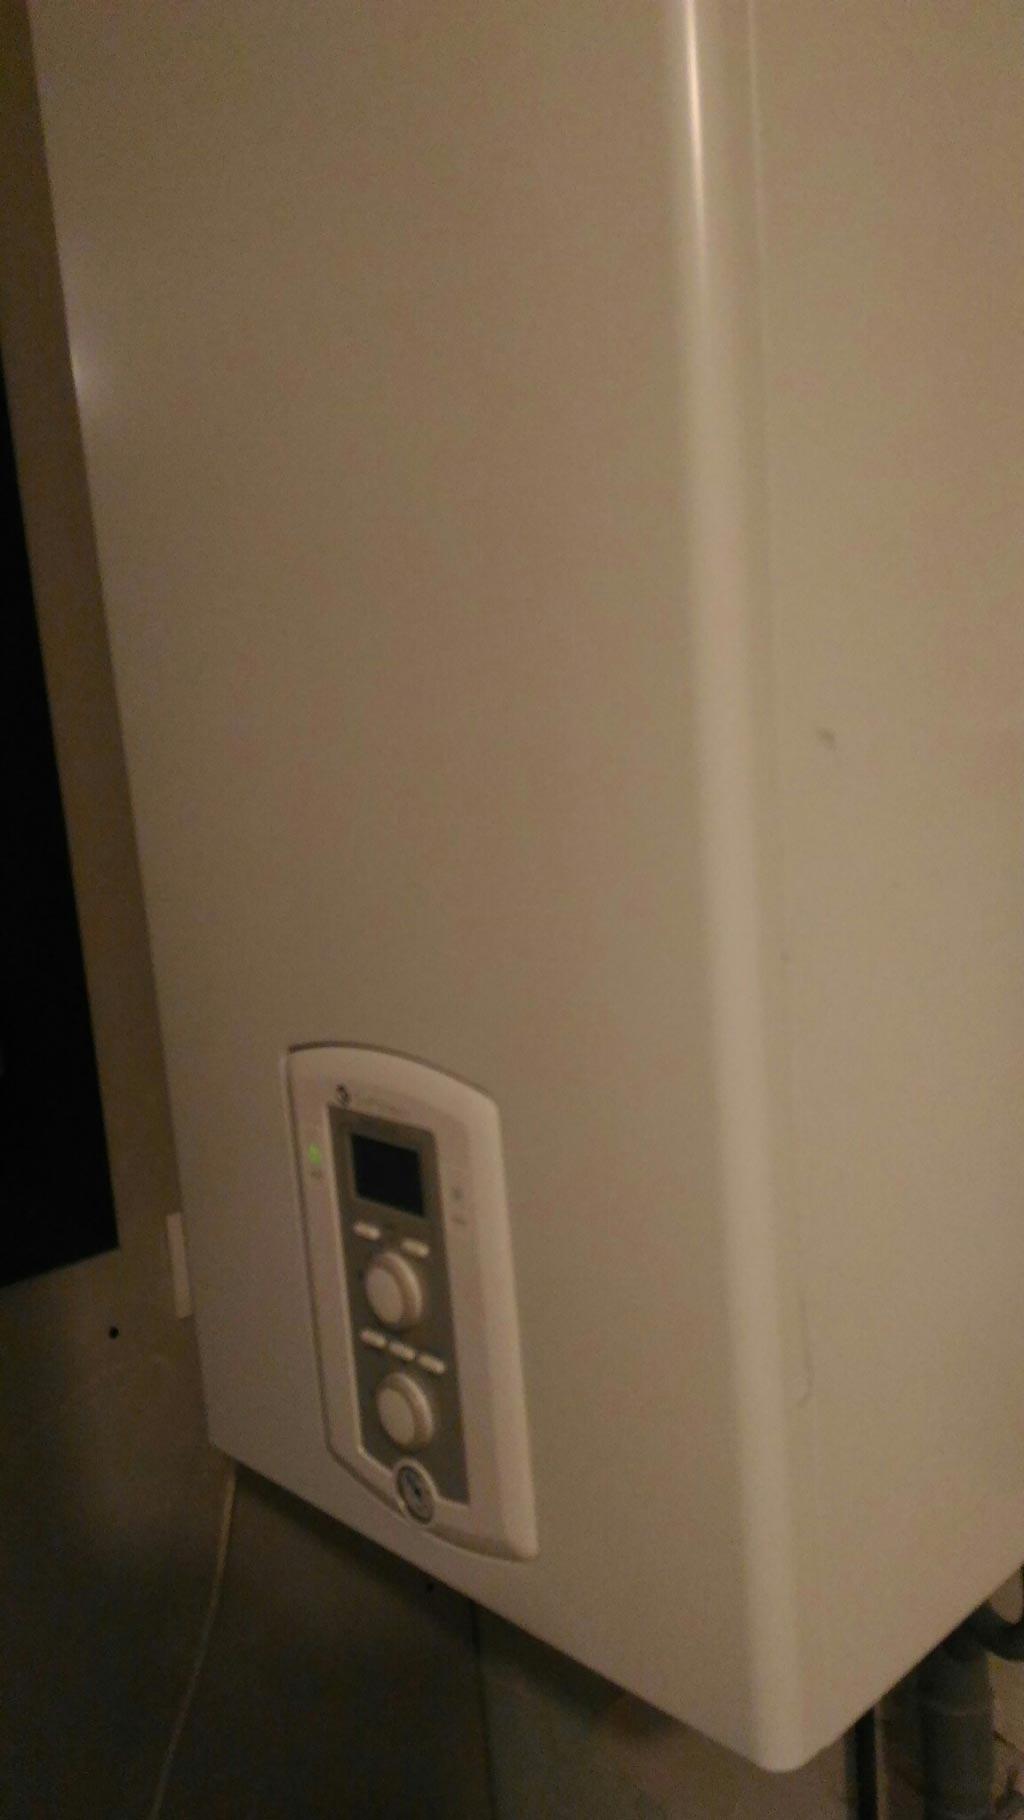 Installation d'une chaudière gaz à condensation Chaffoteaux avec régulation RT2012 climatique programmable-Bouches du Rhône (13)